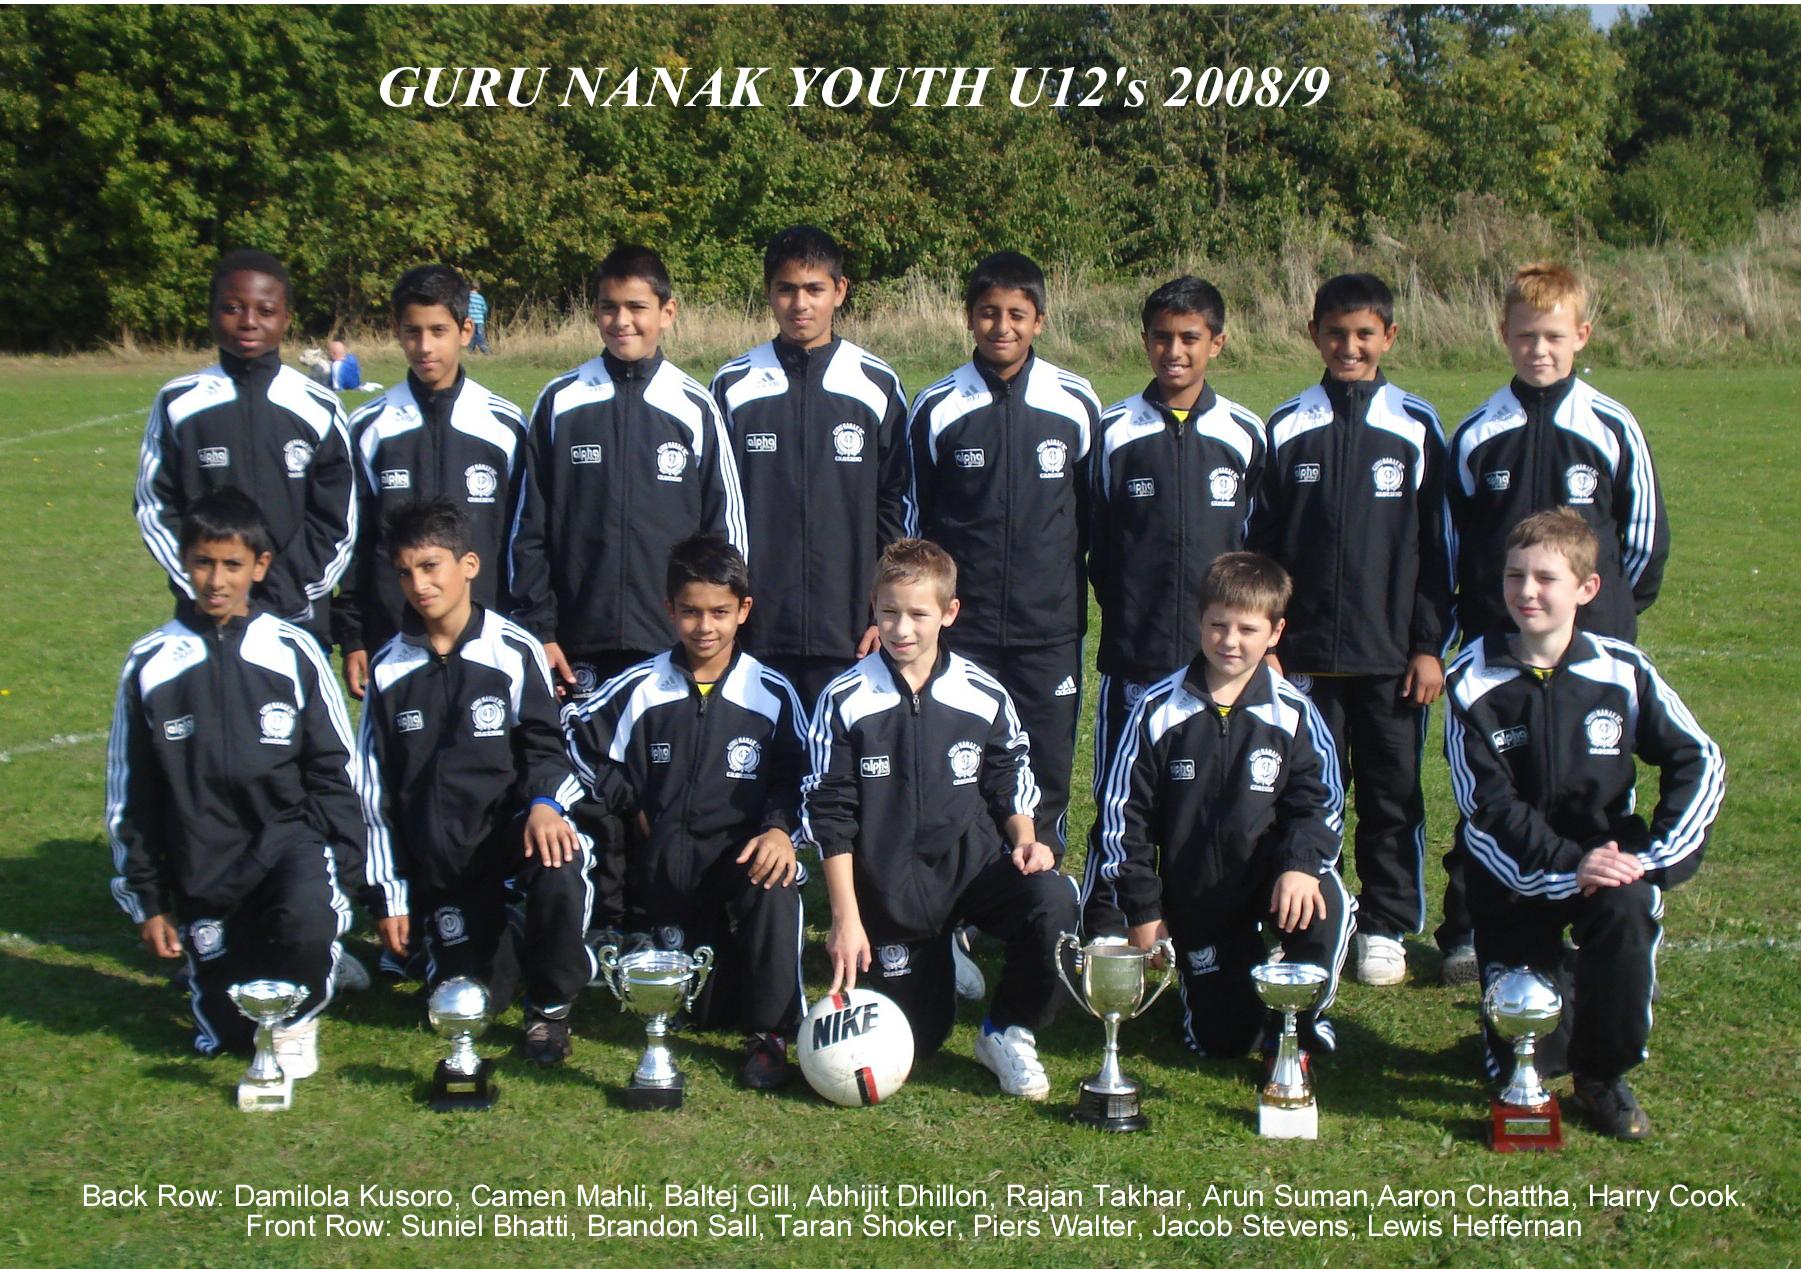 Under 12's 2008/09